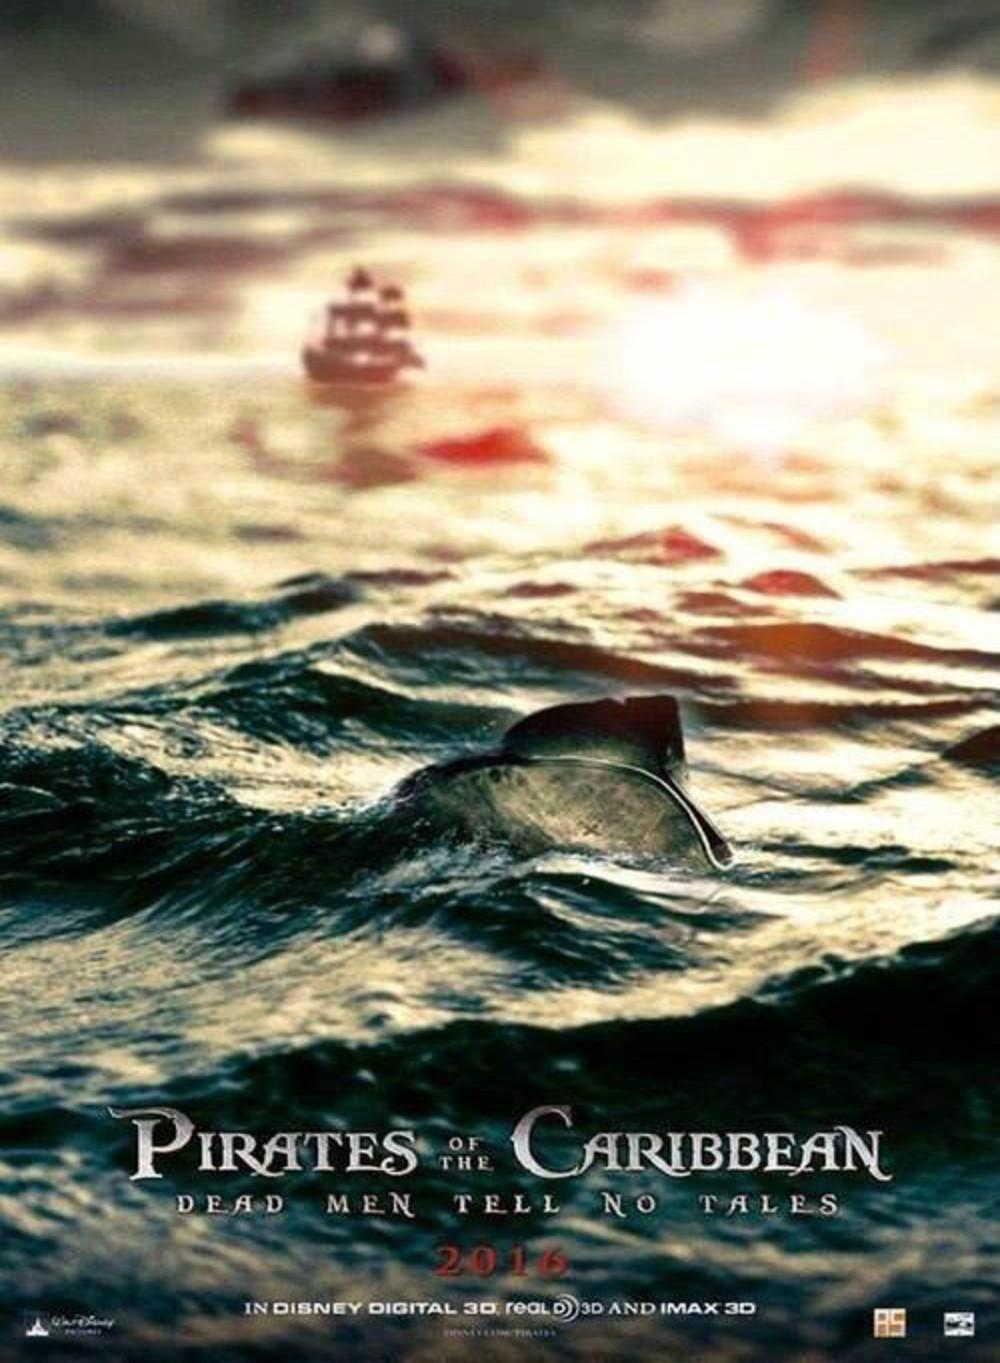 Piratas del caribe: Dead Men Tell No Lies